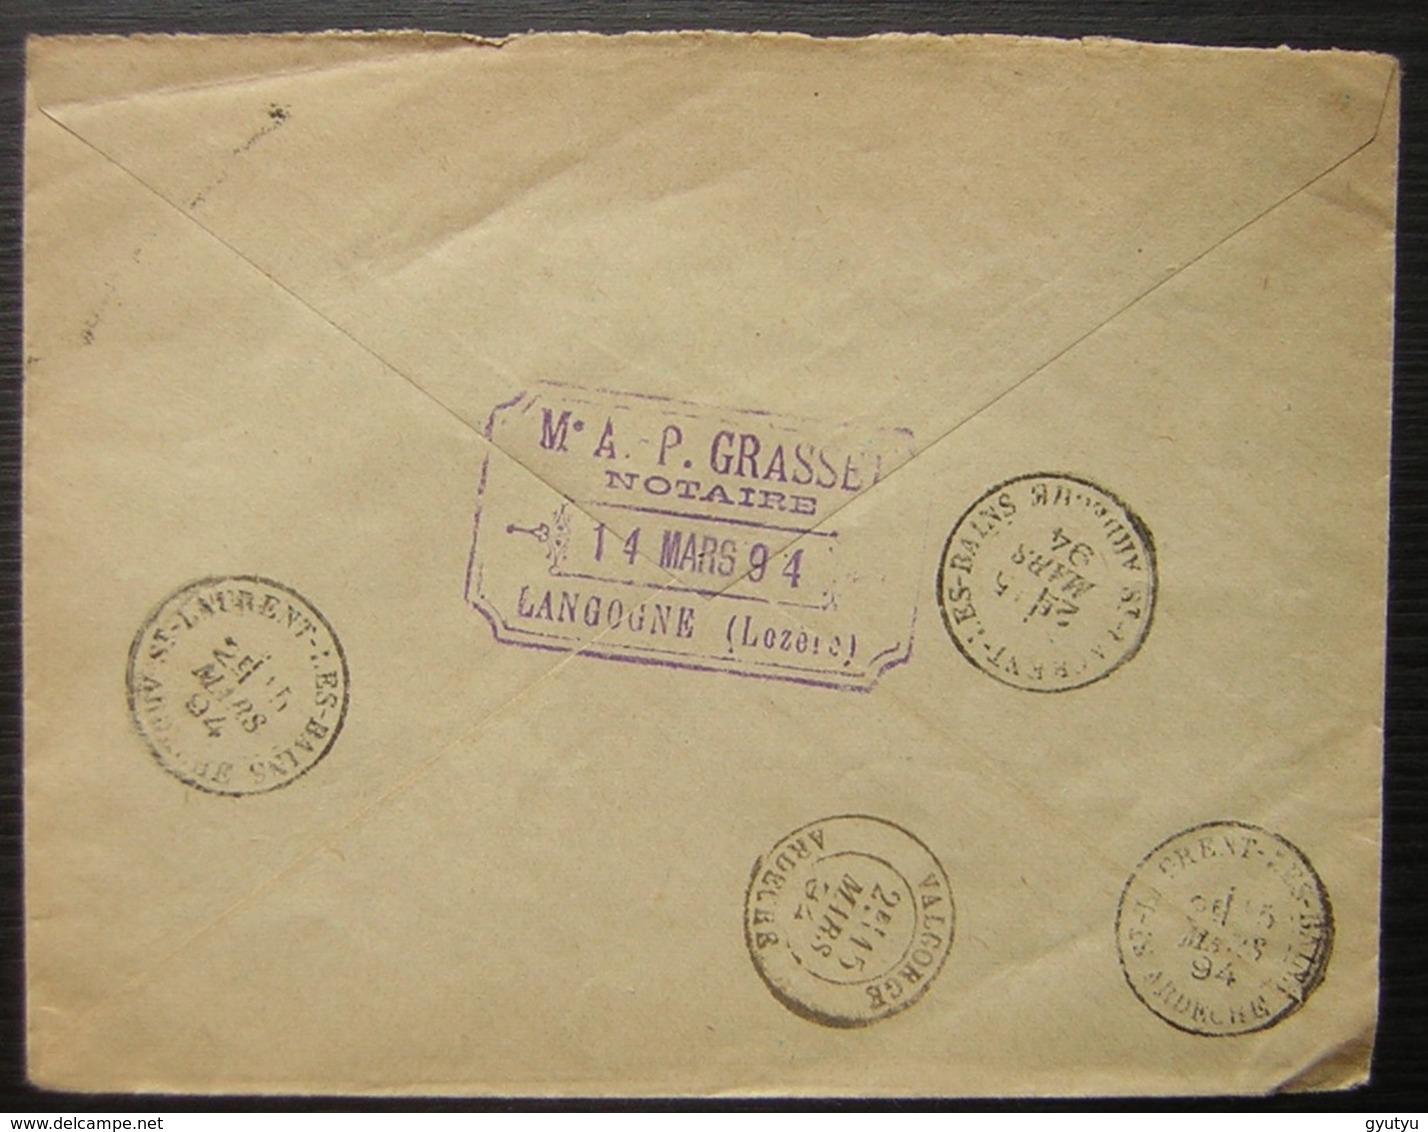 Langogne (Lozère) 1894 Auguste Grasset, Notaire Lettre Pour Valgorge (Ardèche), Cachet à L'arrière - Marcophilie (Lettres)